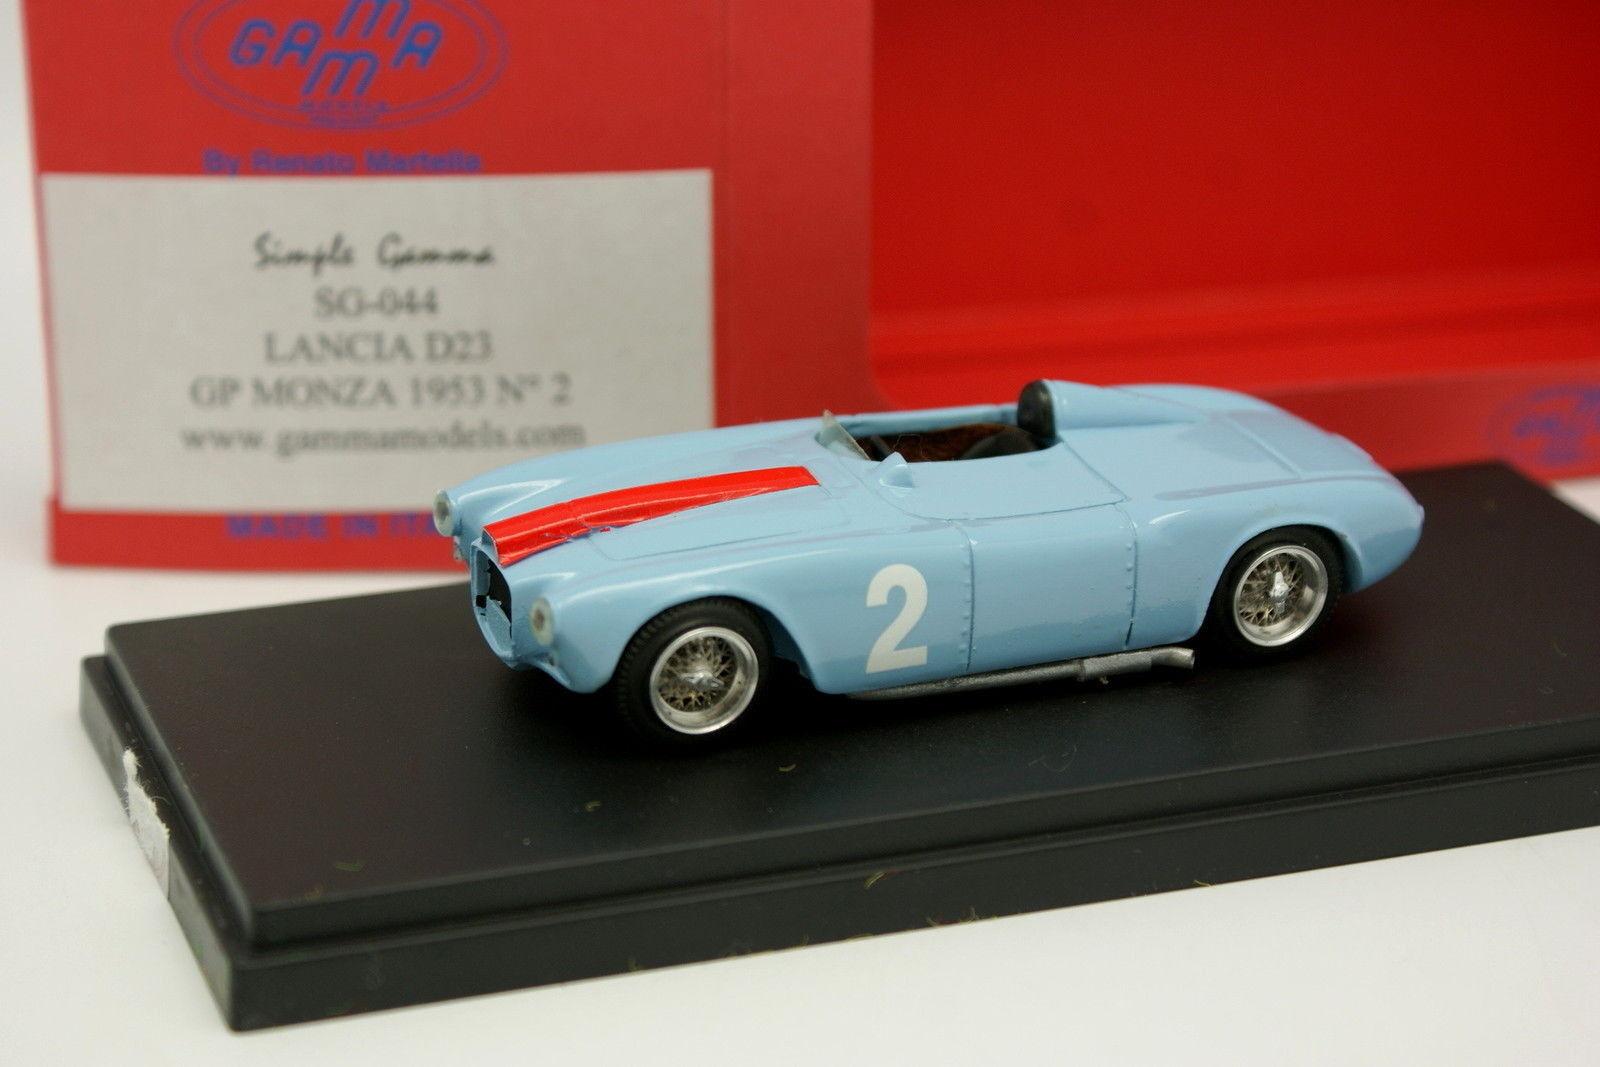 varios tamaños Gamma 1 43 - - - Lancia D23 Monza GP 1953 n°2  nueva marca